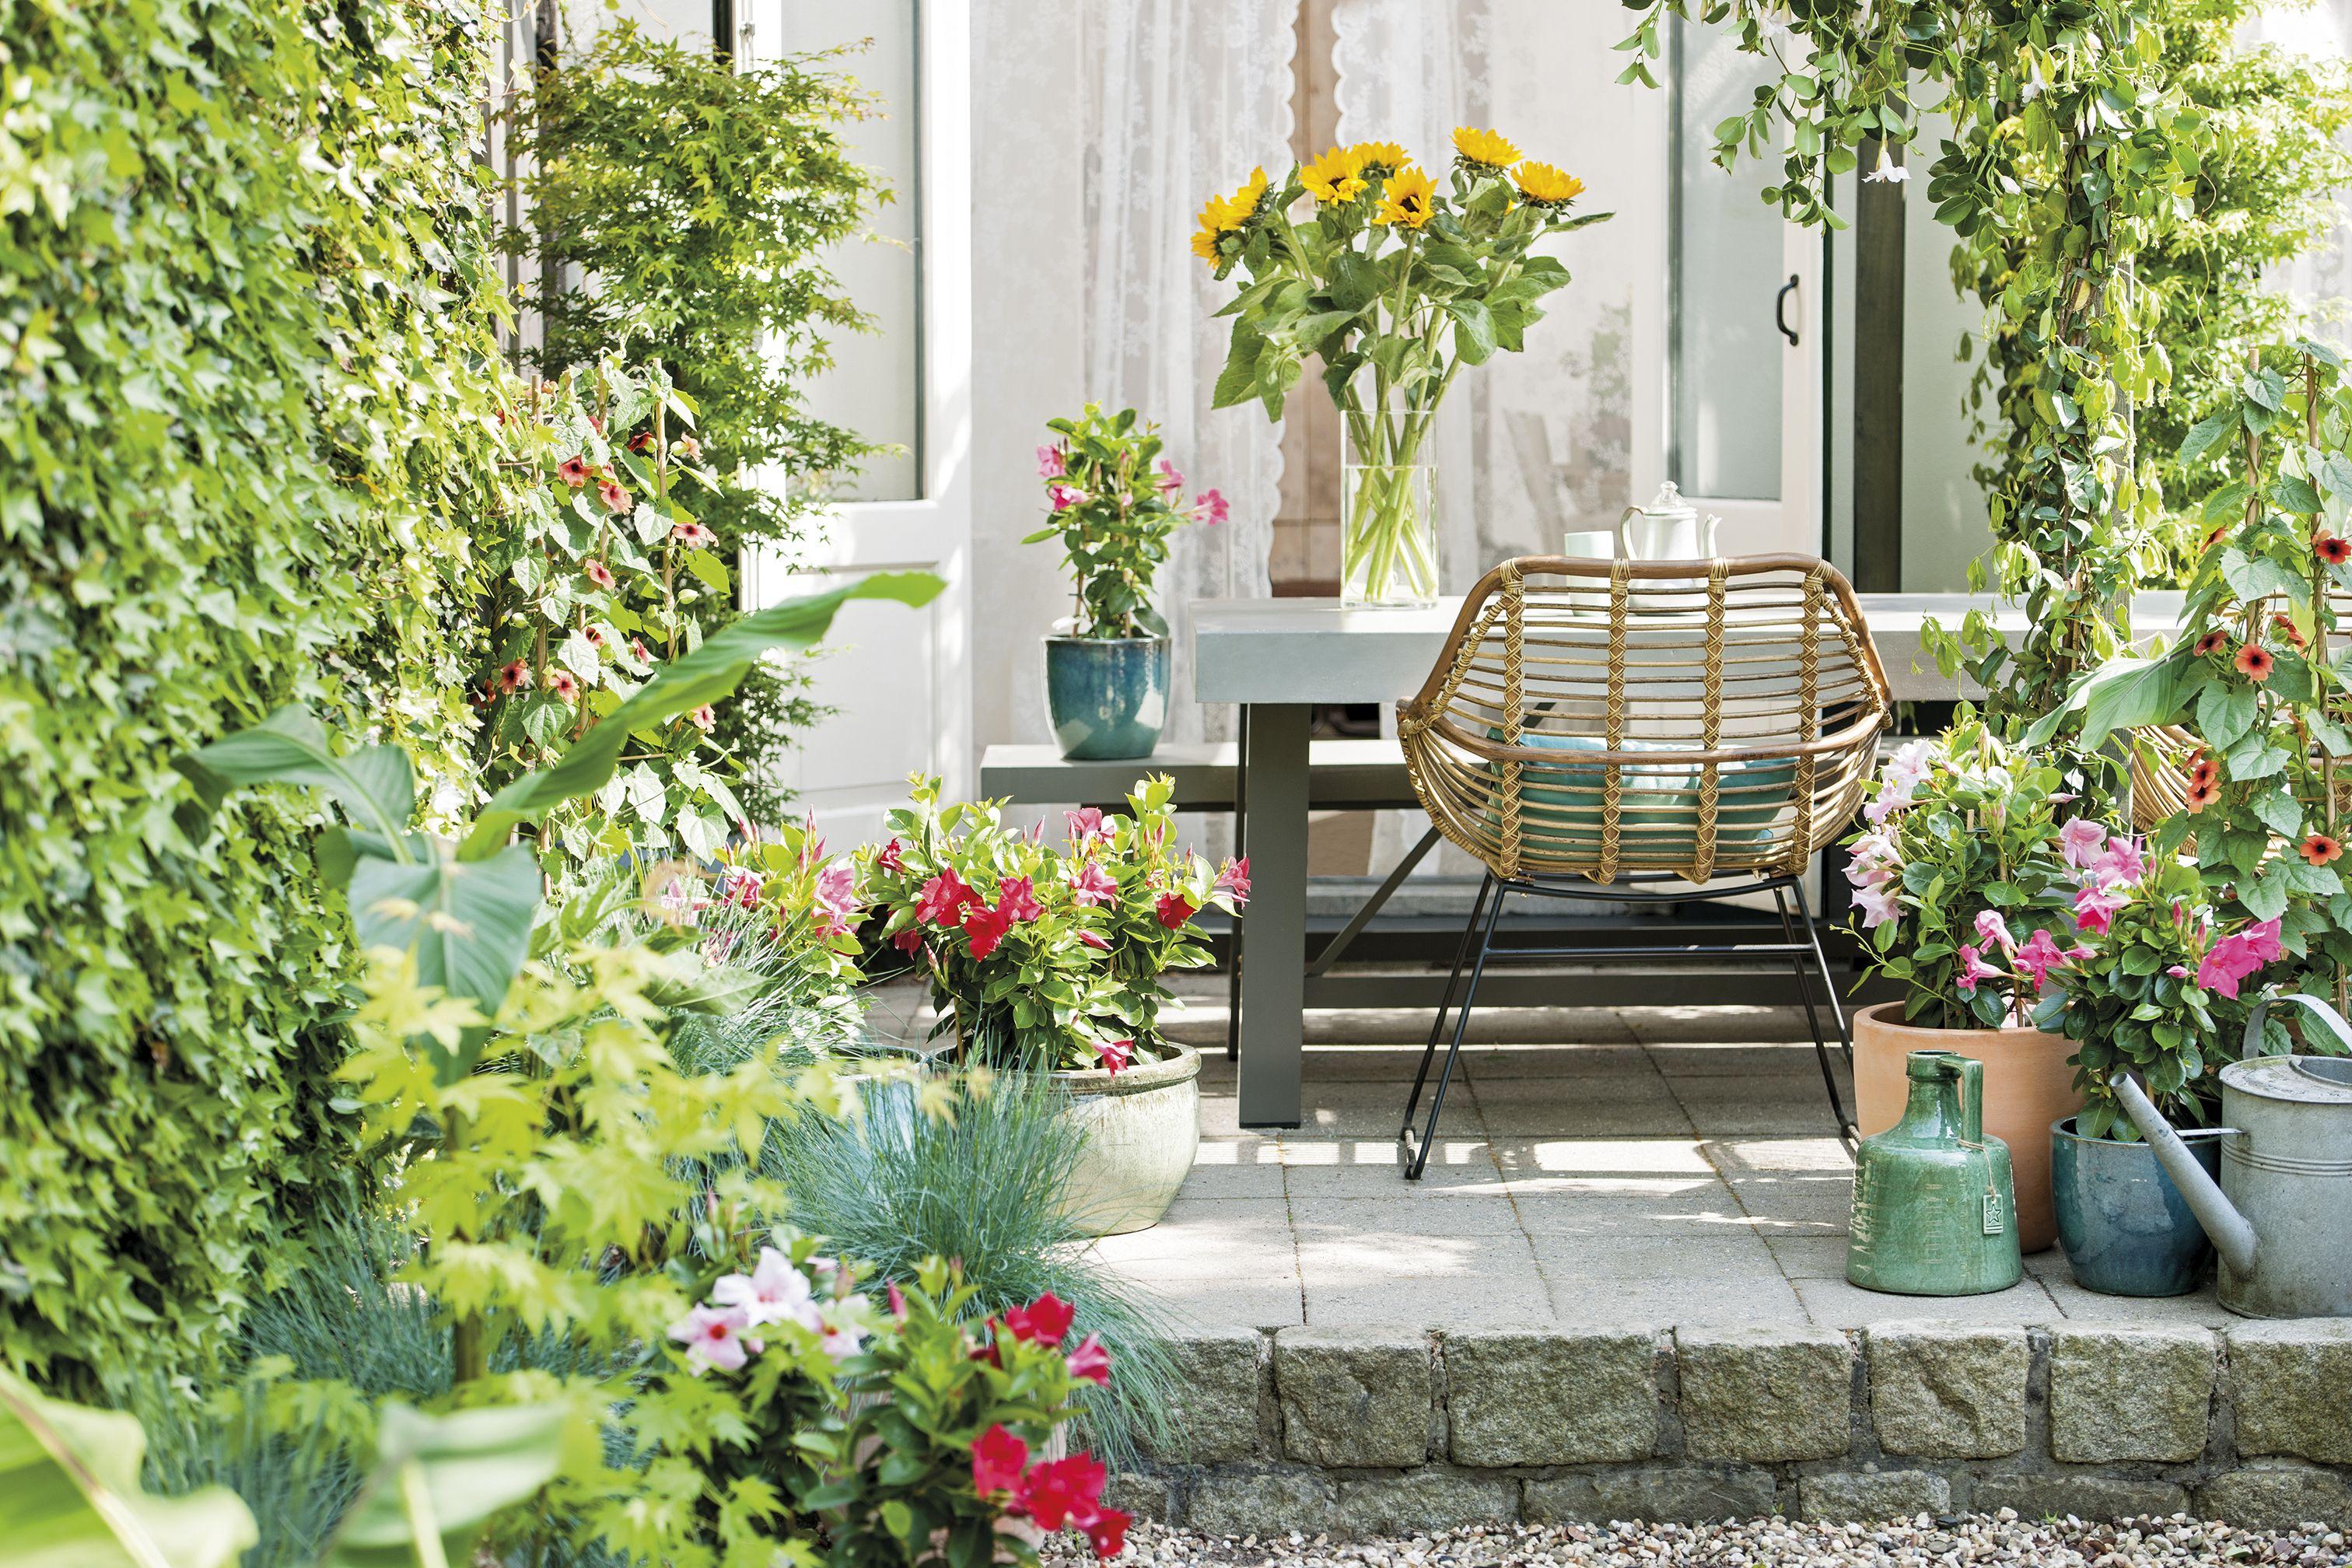 Verticale Tuin Intratuin : Maak je tuin voorjaar klaar intratuin terras intratuin